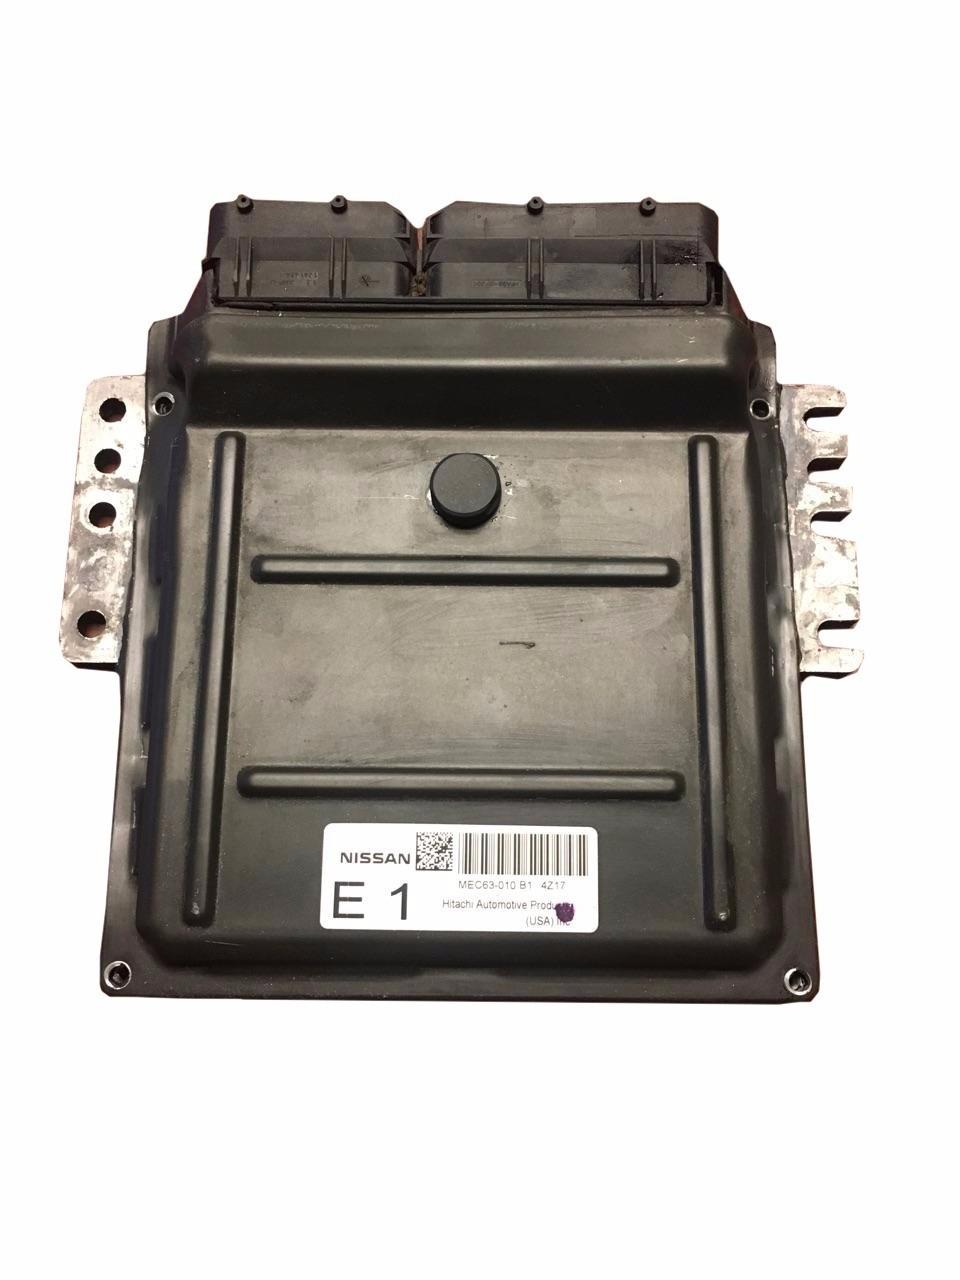 2002 nissan pathfinder 3 5l pcm ecm ecu repair service only 2002 nissan pathfinder 3 5l pcm ecm ecu repair service only